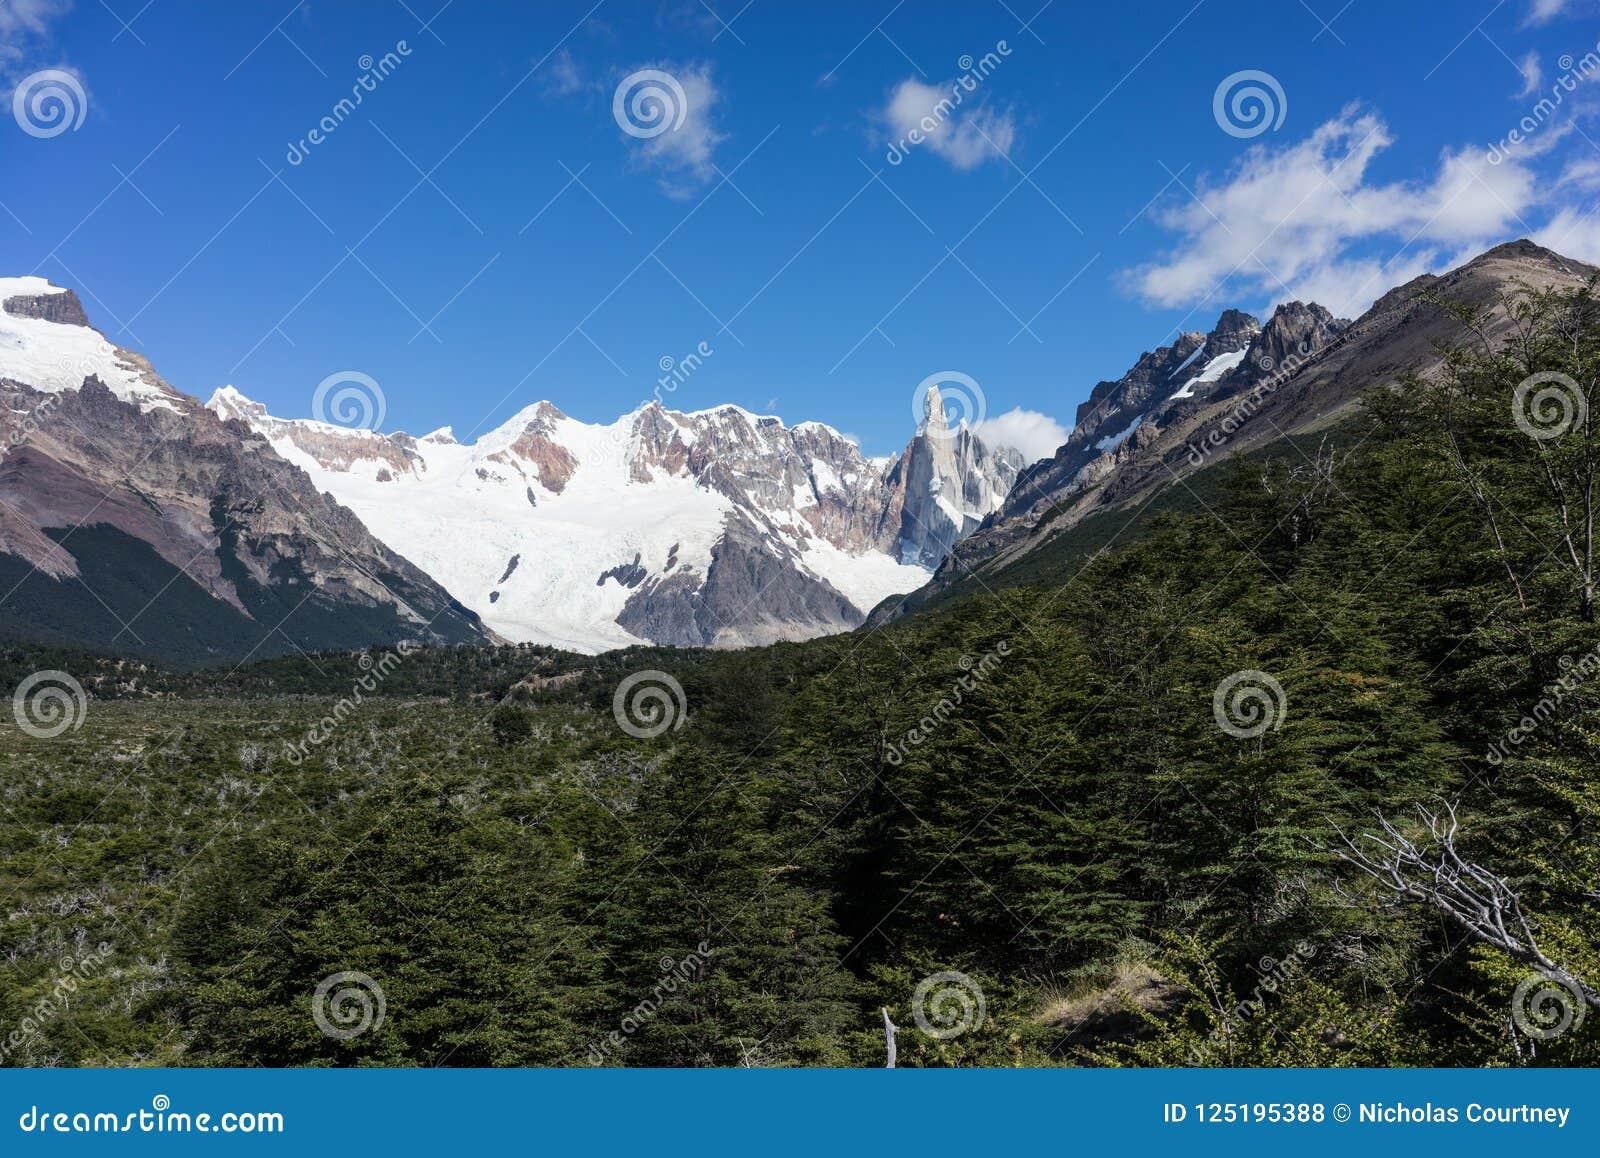 Montaña rugosa de Cerro Torre Región de la Patagonia de la Argentina